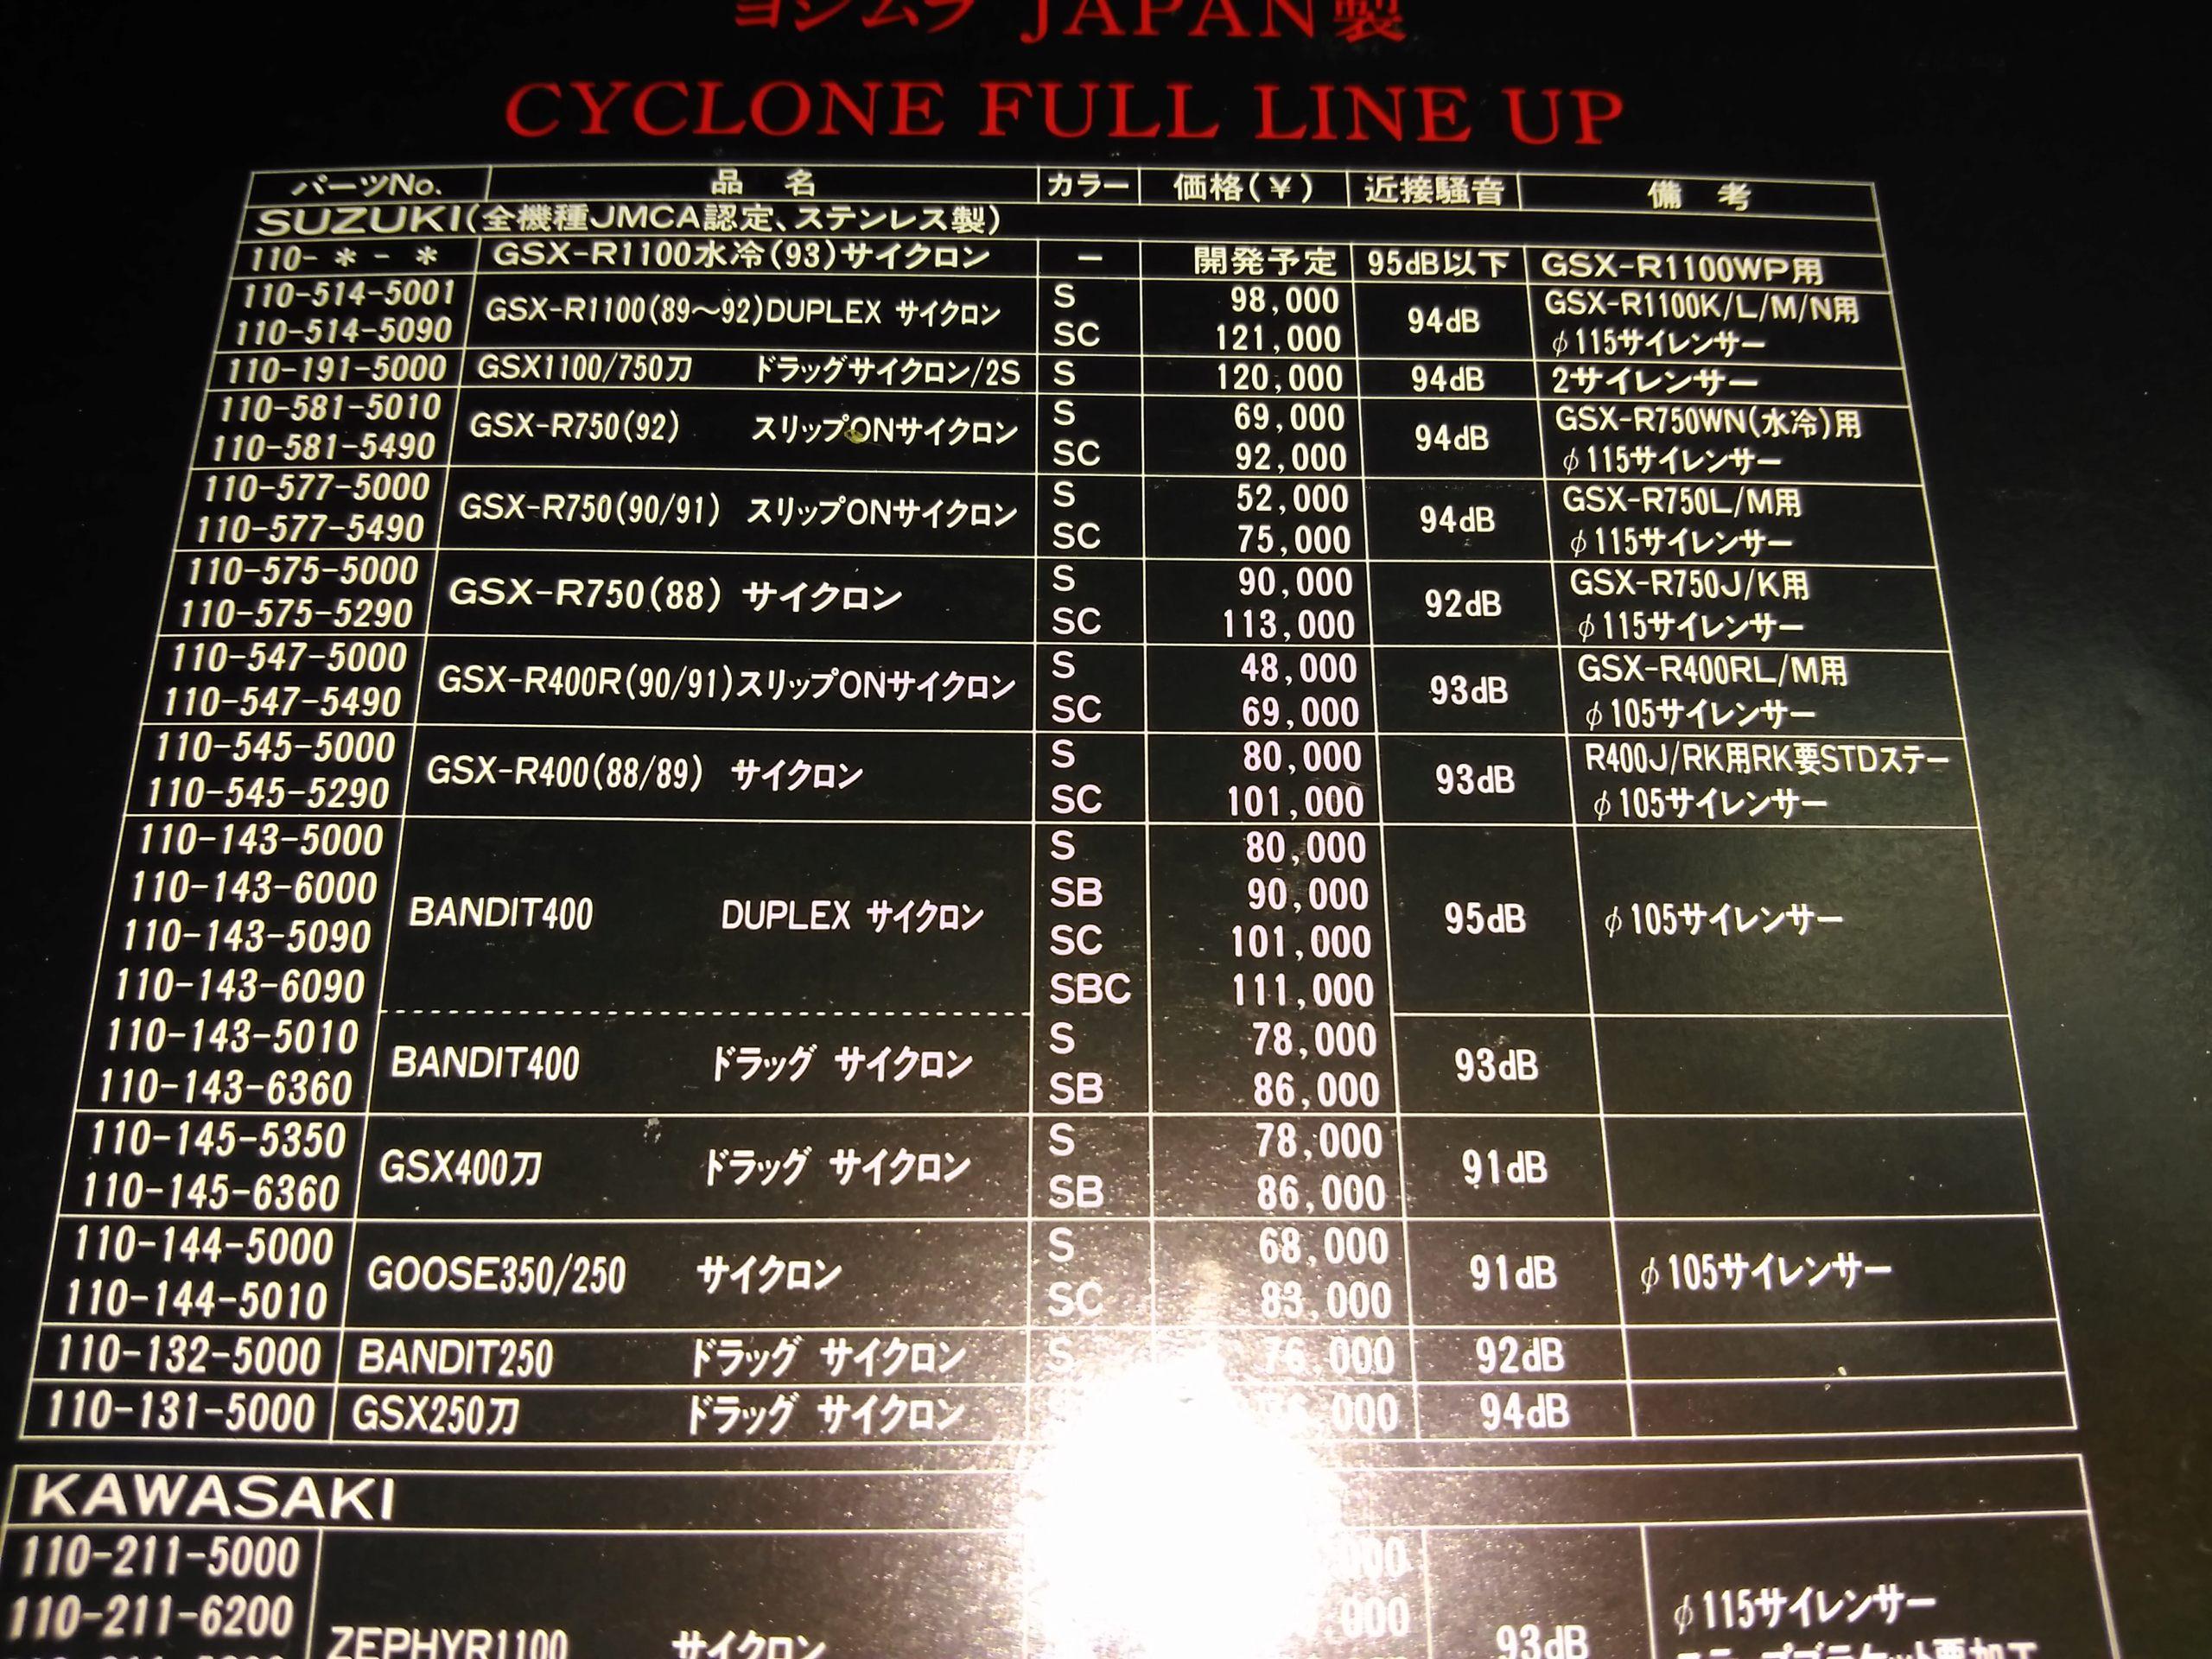 ATENCION, porno duro: Catalogo de chuches Yoshimura 93-95 Img_2010